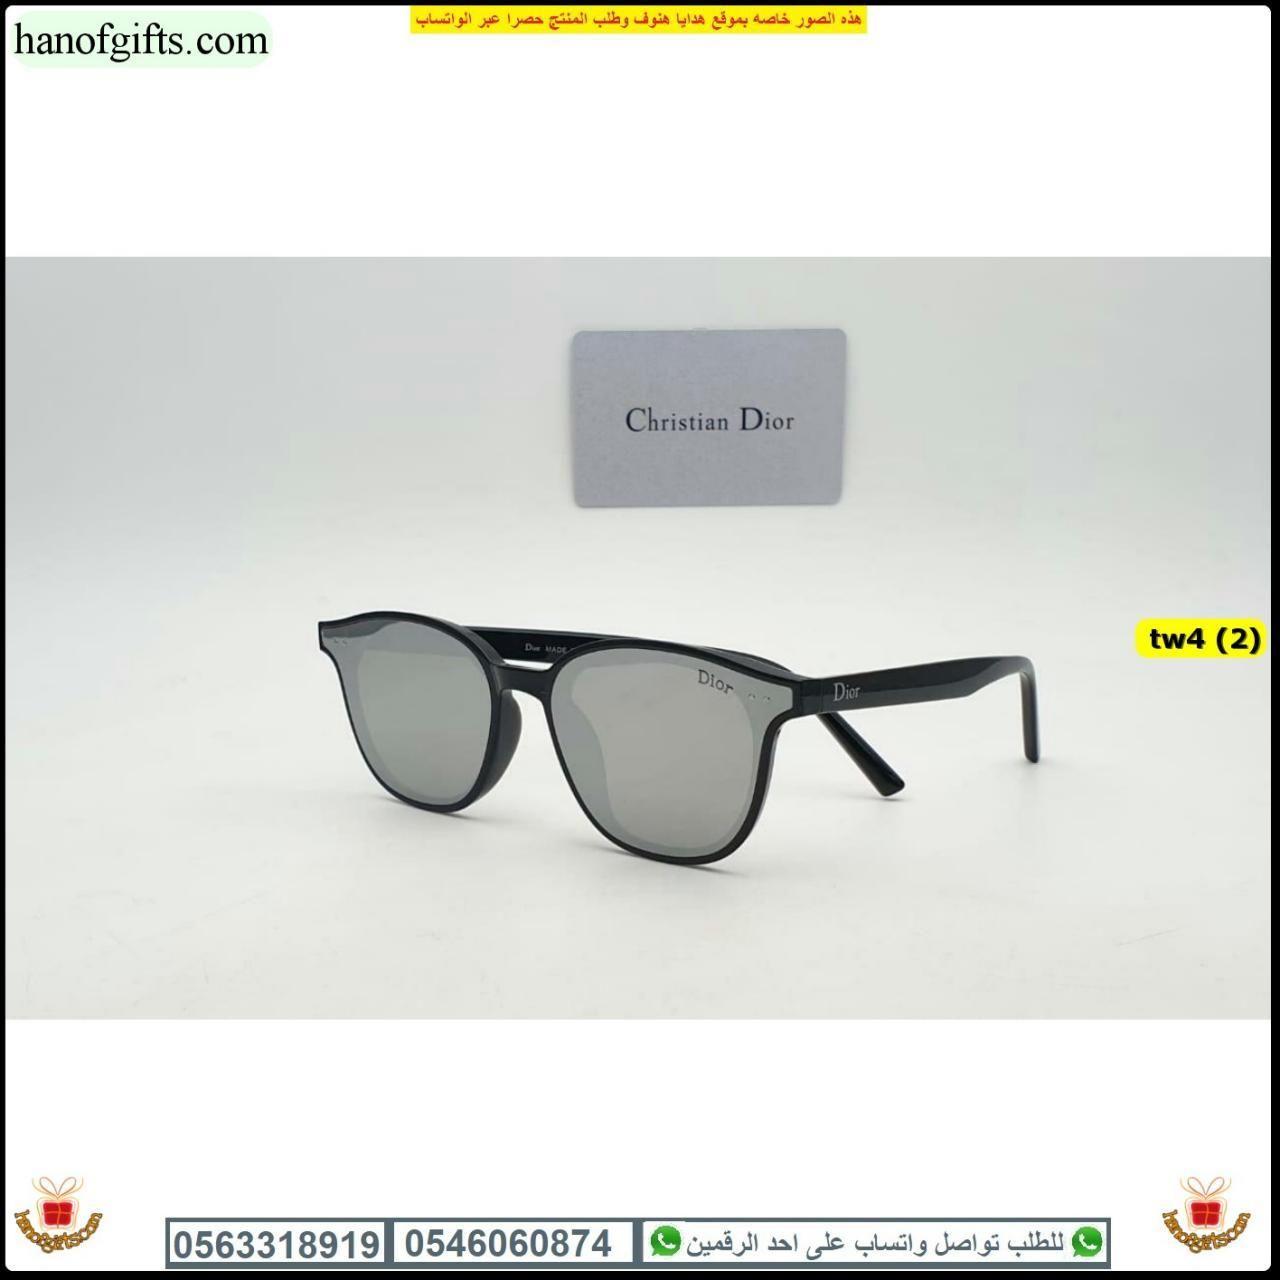 نظارات ديور نسائي 2020 أفخم النظارات من Dior مع كيس و علبة الماركة هدايا هنوف Glasses Sunglasses Fashion